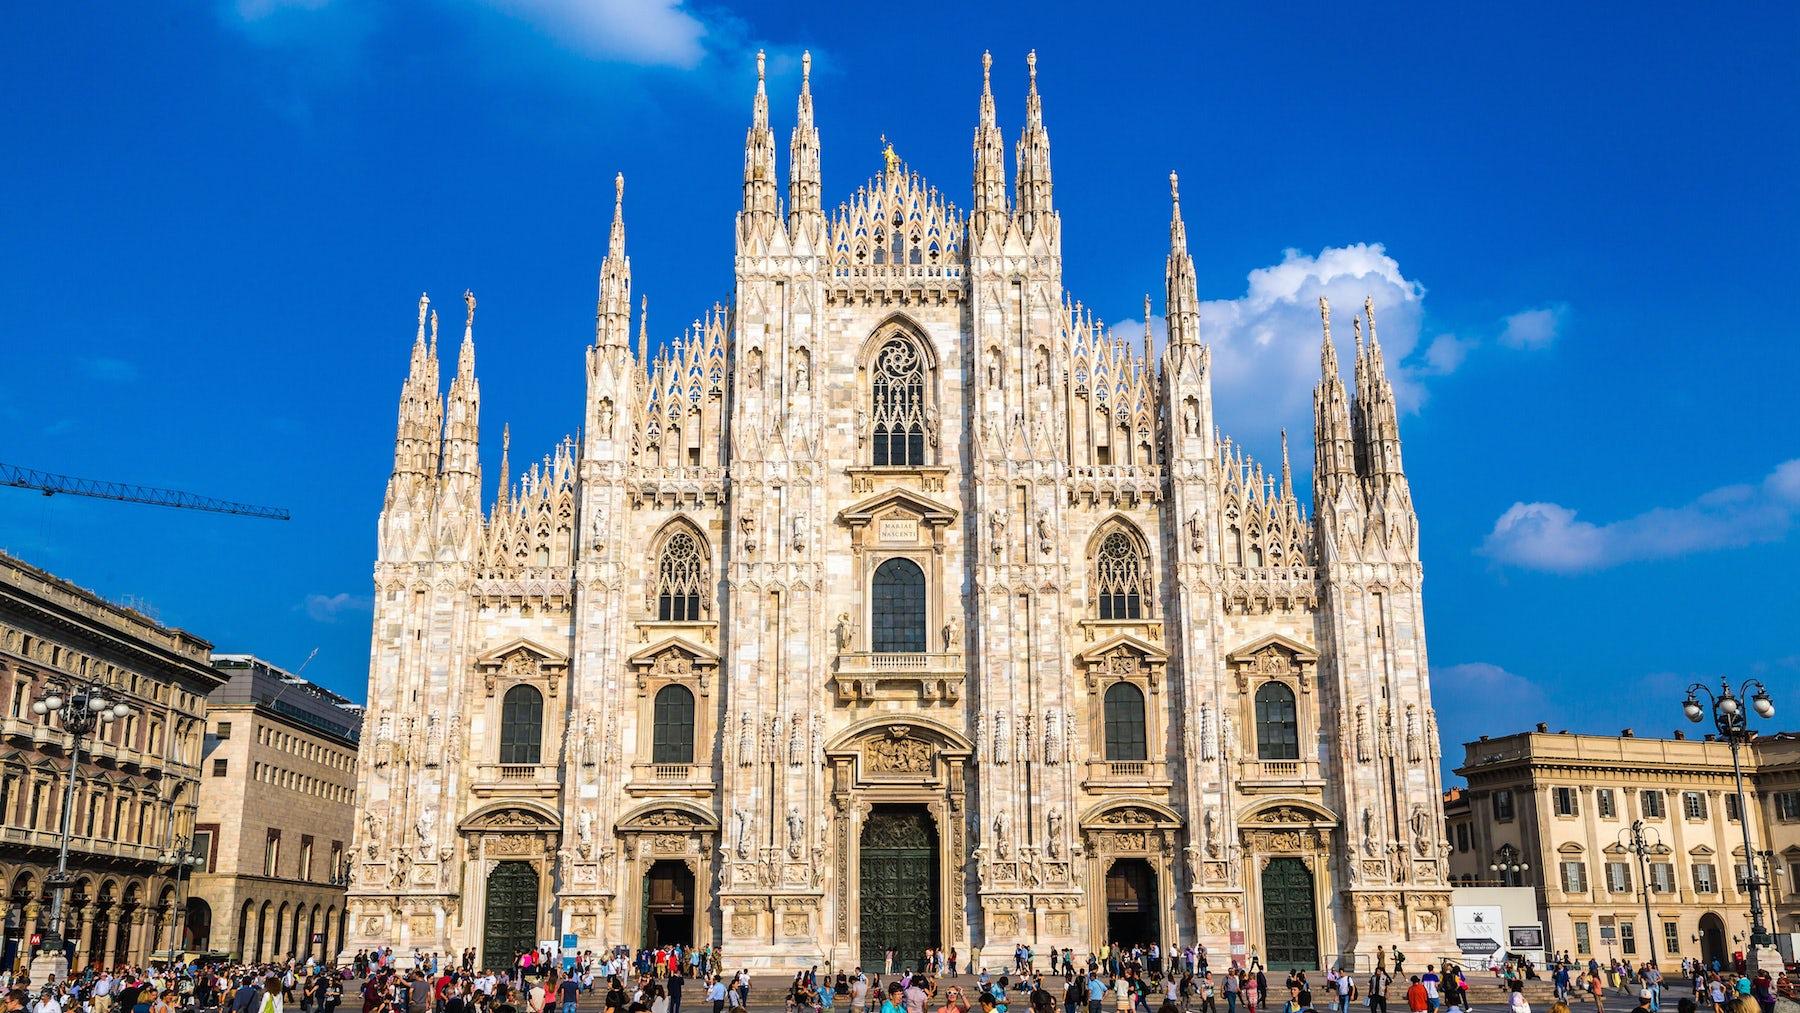 Duomo di Milano | Source: Shutterstock